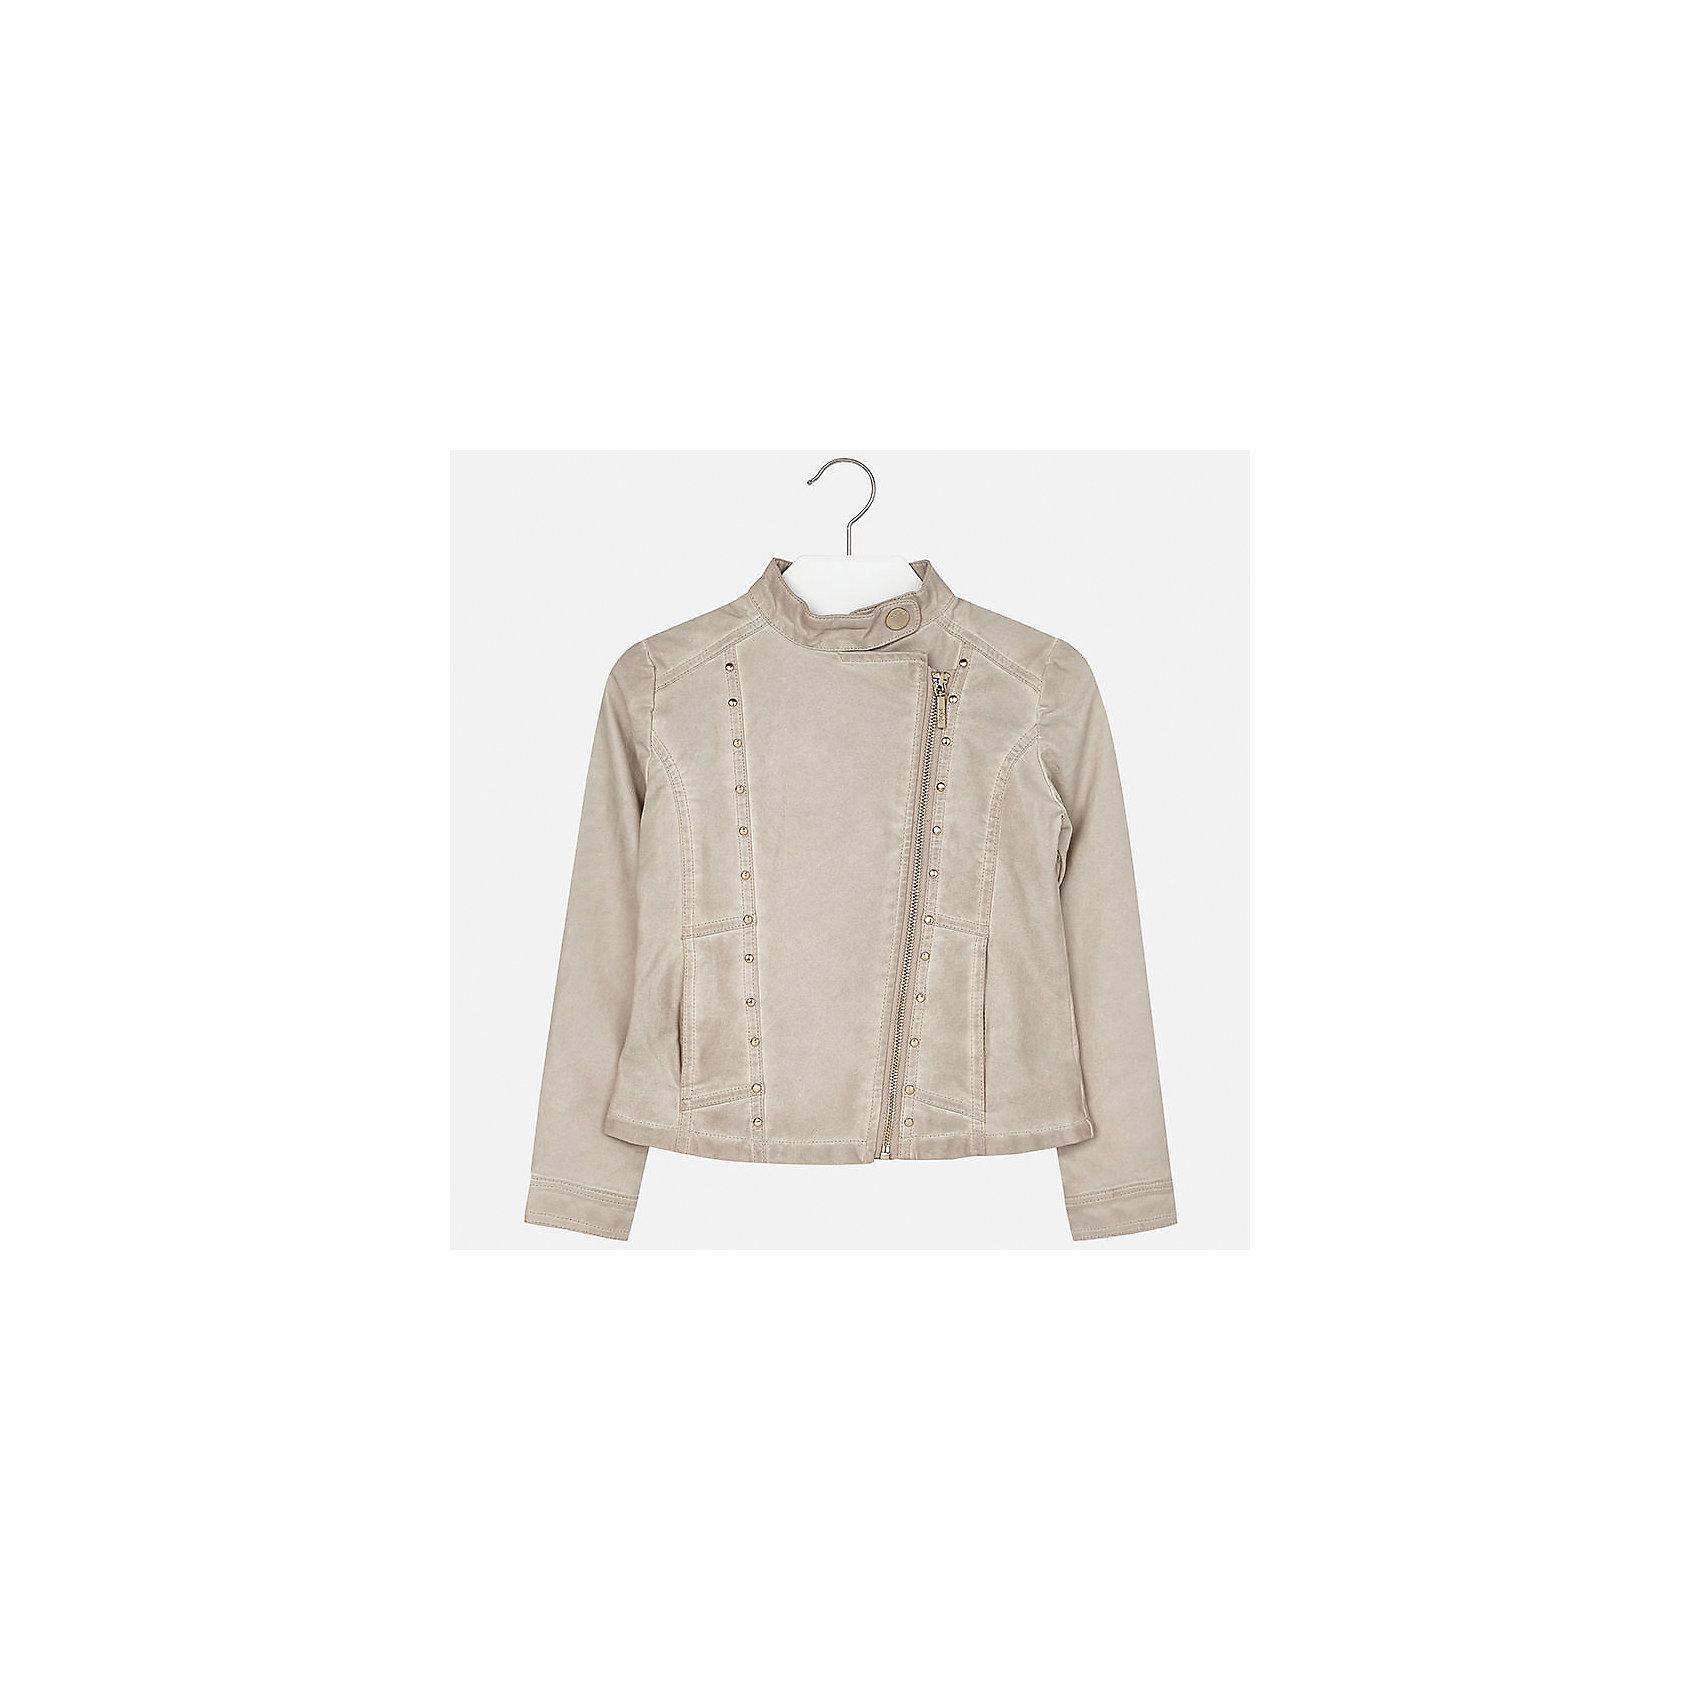 Куртка для девочки MayoralВерхняя одежда<br>Характеристики товара:<br><br>• цвет: бежевый<br>• состав: 100% полиуретан, подкладка - 100% полиэстер<br>• косая молния<br>• карманы<br>• с длинными рукавами <br>• металлические элементы на планке<br>• страна бренда: Испания<br><br>Очень стильная куртка для девочки поможет разнообразить гардероб ребенка и украсить наряд. Он отлично сочетается и с юбками, и с брюками. Универсальный цвет позволяет подобрать к вещи низ различных расцветок. Интересная отделка модели делает её нарядной и оригинальной.<br><br>Одежда, обувь и аксессуары от испанского бренда Mayoral полюбились детям и взрослым по всему миру. Модели этой марки - стильные и удобные. Для их производства используются только безопасные, качественные материалы и фурнитура. Порадуйте ребенка модными и красивыми вещами от Mayoral! <br><br>Куртку для девочки от испанского бренда Mayoral (Майорал) можно купить в нашем интернет-магазине.<br><br>Ширина мм: 356<br>Глубина мм: 10<br>Высота мм: 245<br>Вес г: 519<br>Цвет: бежевый<br>Возраст от месяцев: 168<br>Возраст до месяцев: 180<br>Пол: Женский<br>Возраст: Детский<br>Размер: 170,128/134,140,152,158,164<br>SKU: 5292849